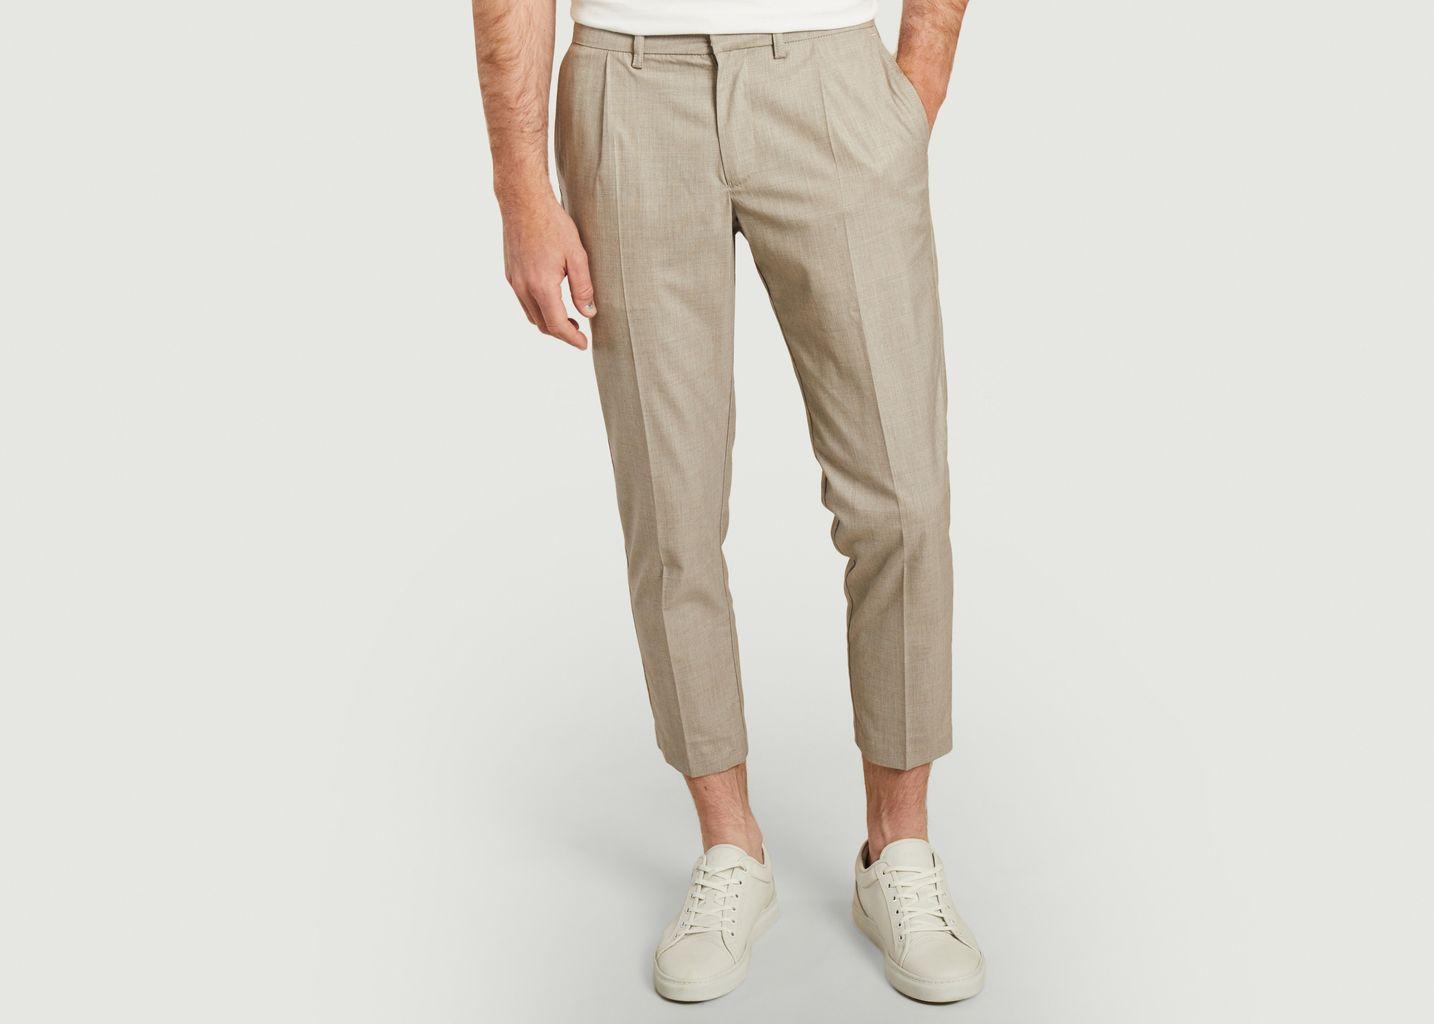 Pantalon à pinces Prince de galles 7/8eme - JagVi